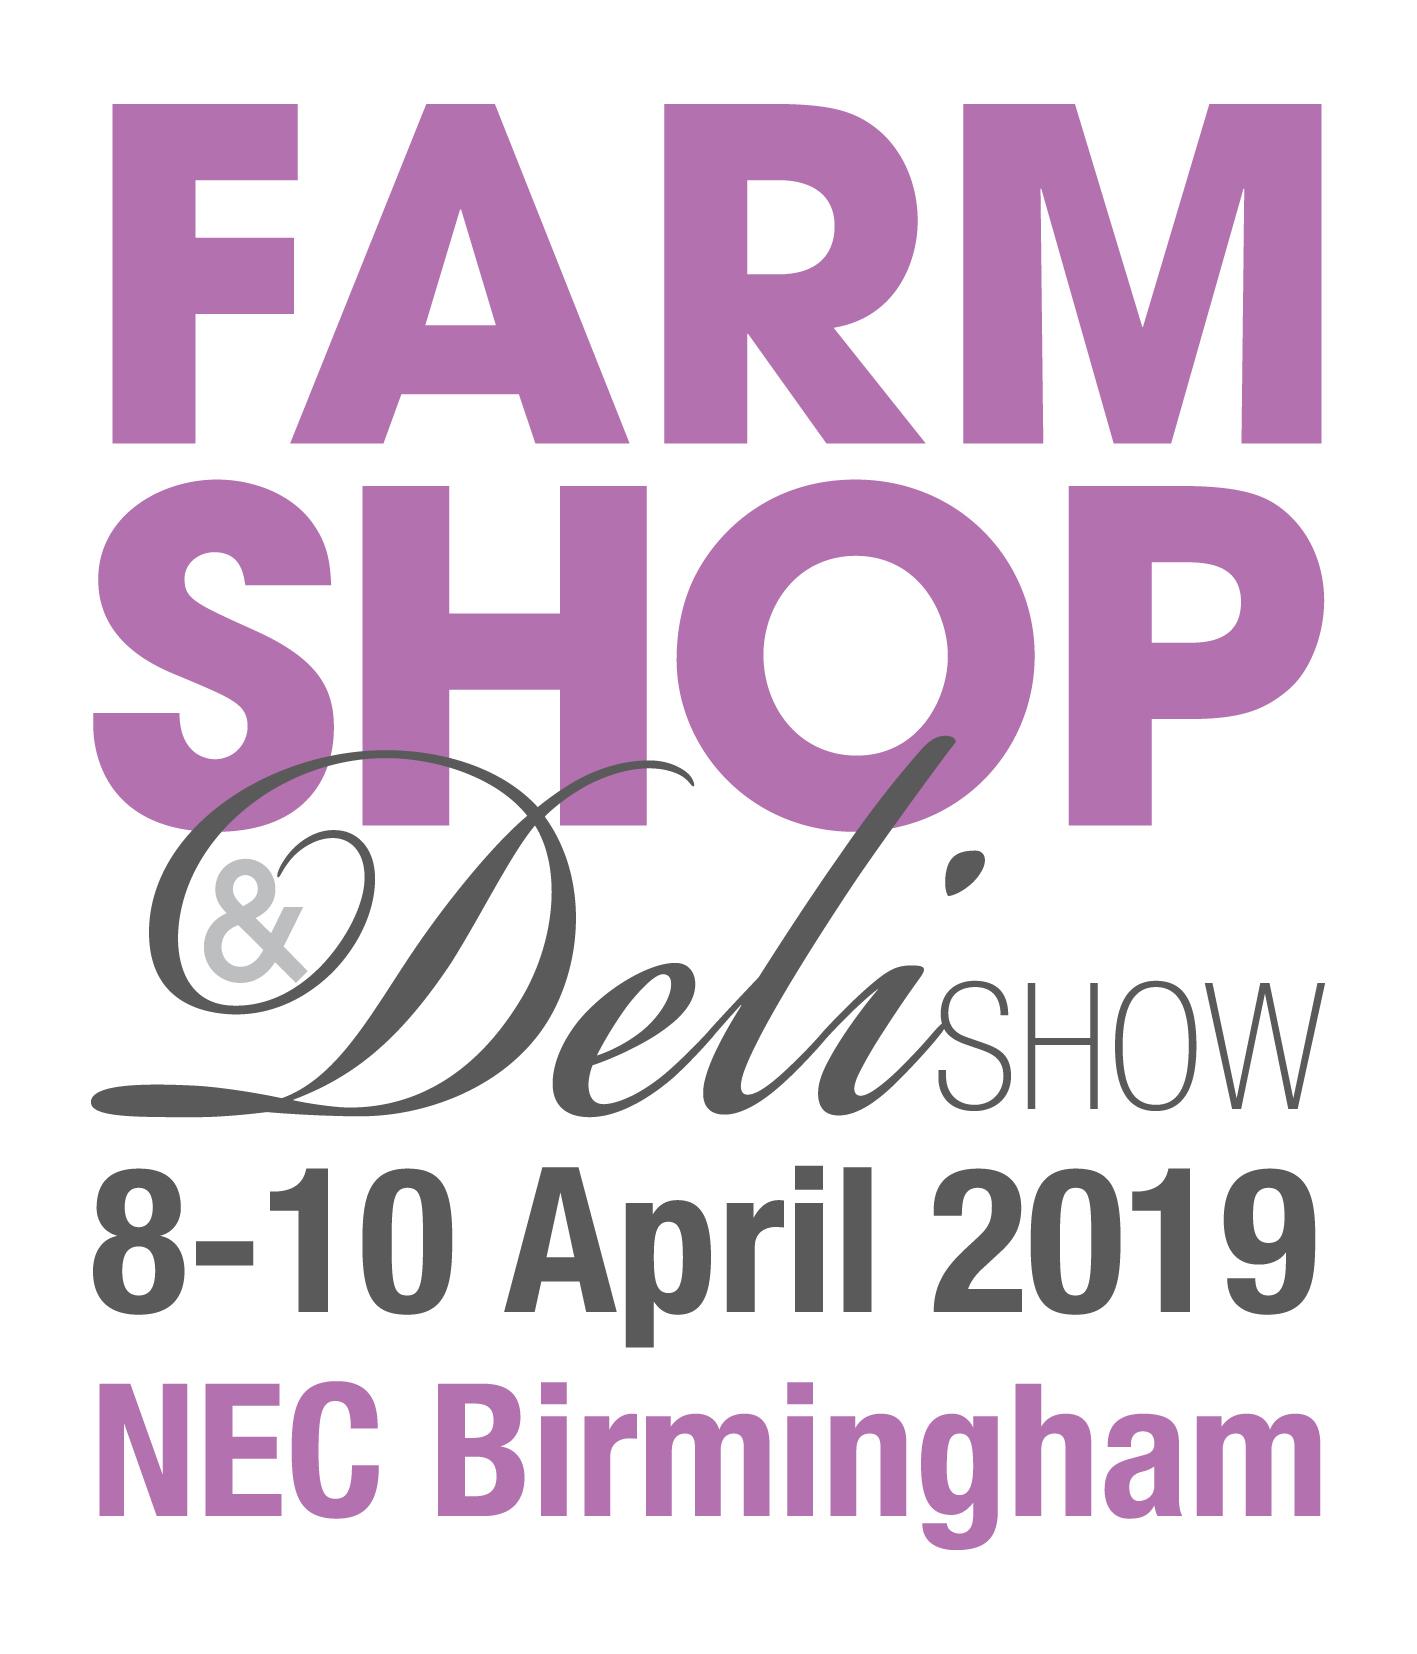 Farm Shop & Deli Show 2019